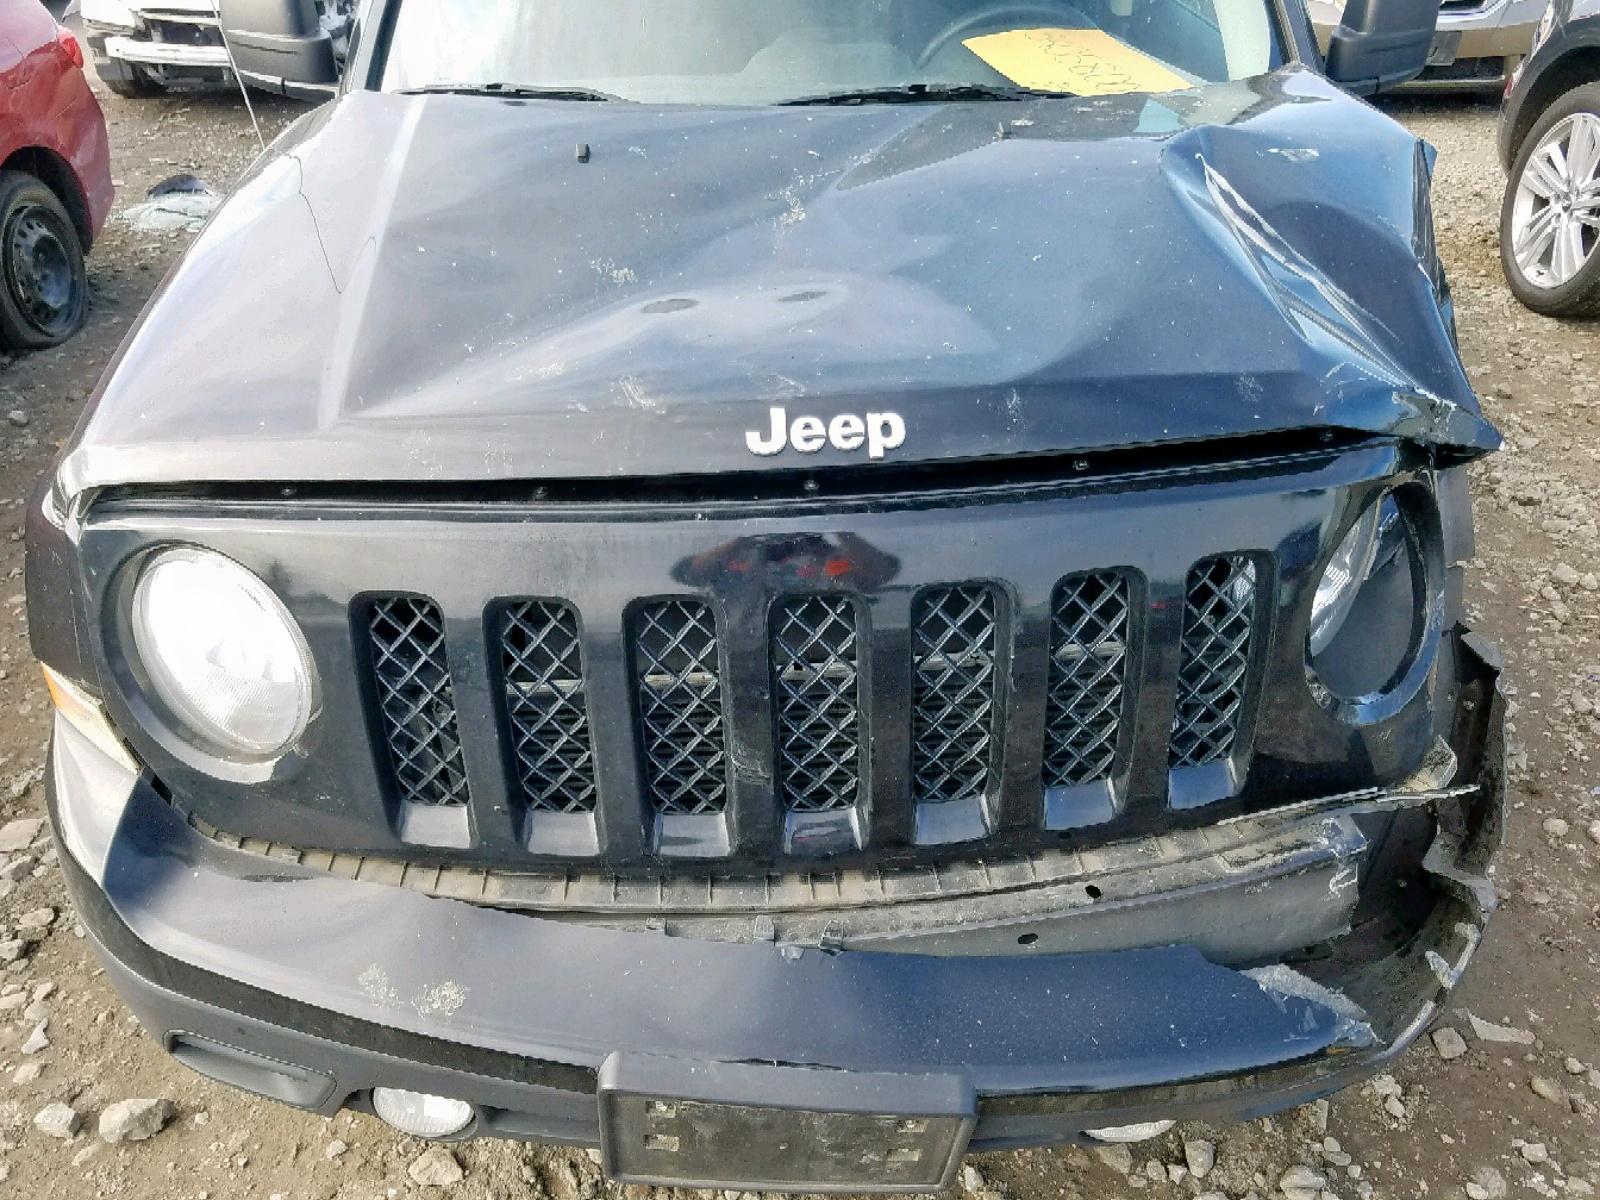 2013 Jeep Patriot Sp 2.0L inside view